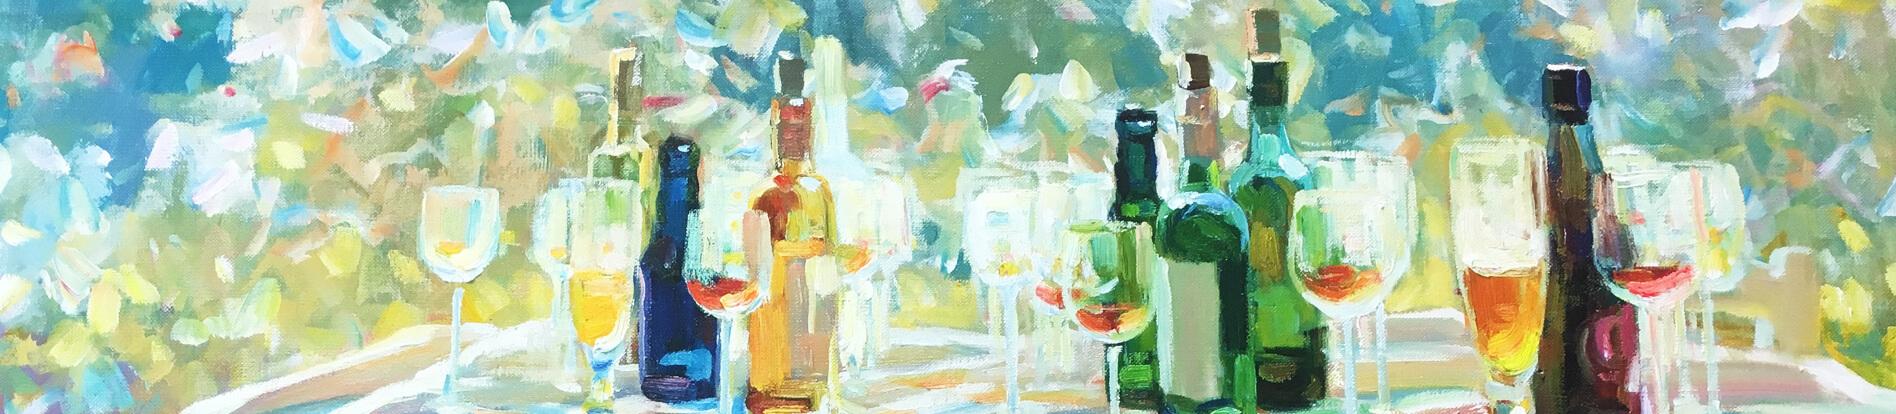 Kunstdruck gedeckter Tisch mit Wein